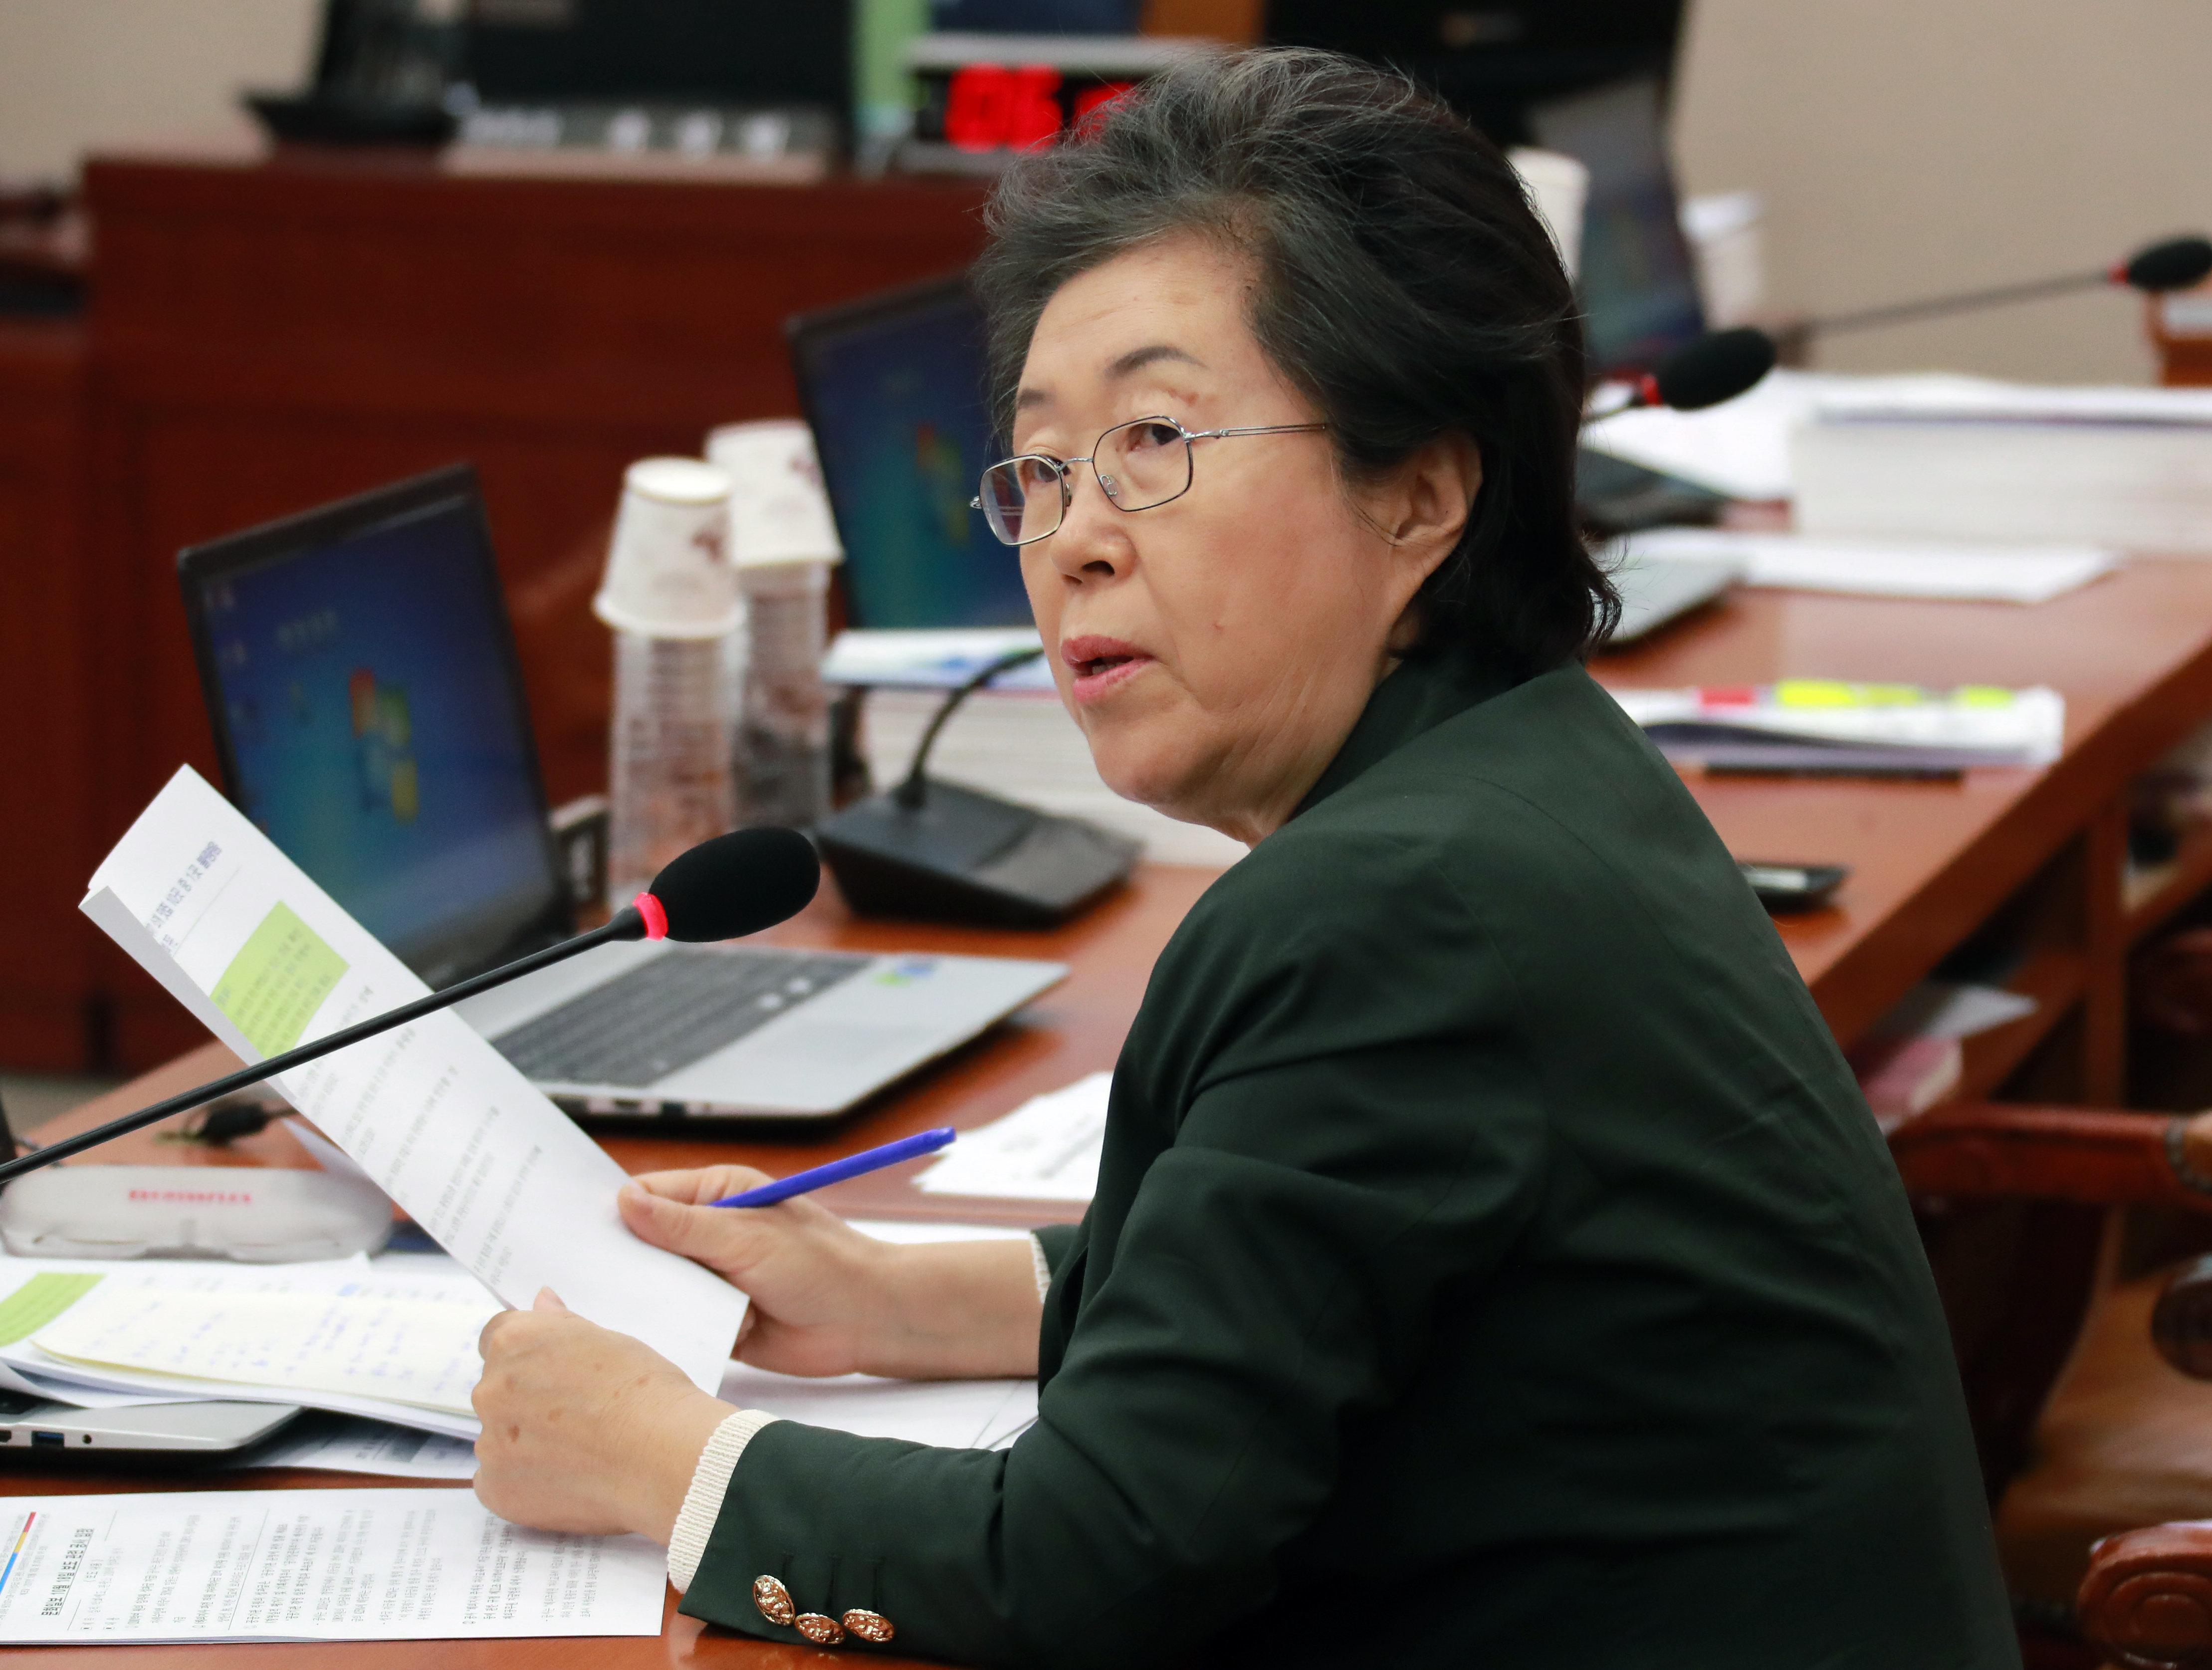 이은재 의원의 '겐세이' 발언에 대한 자유한국당 의원들의 시선